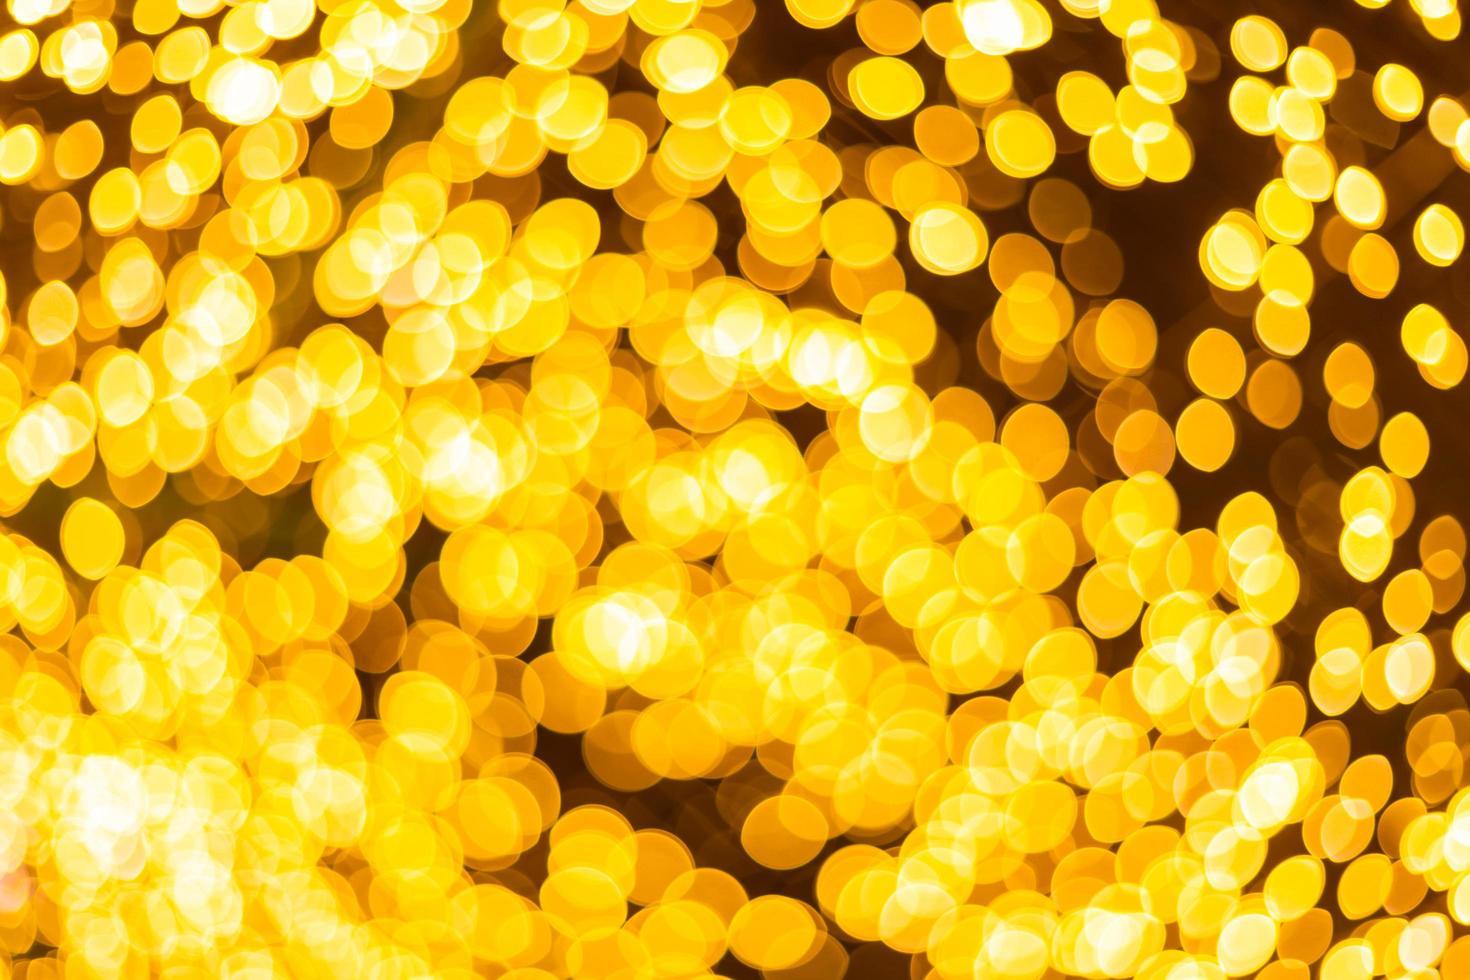 färgglada gyllene bokeh foto